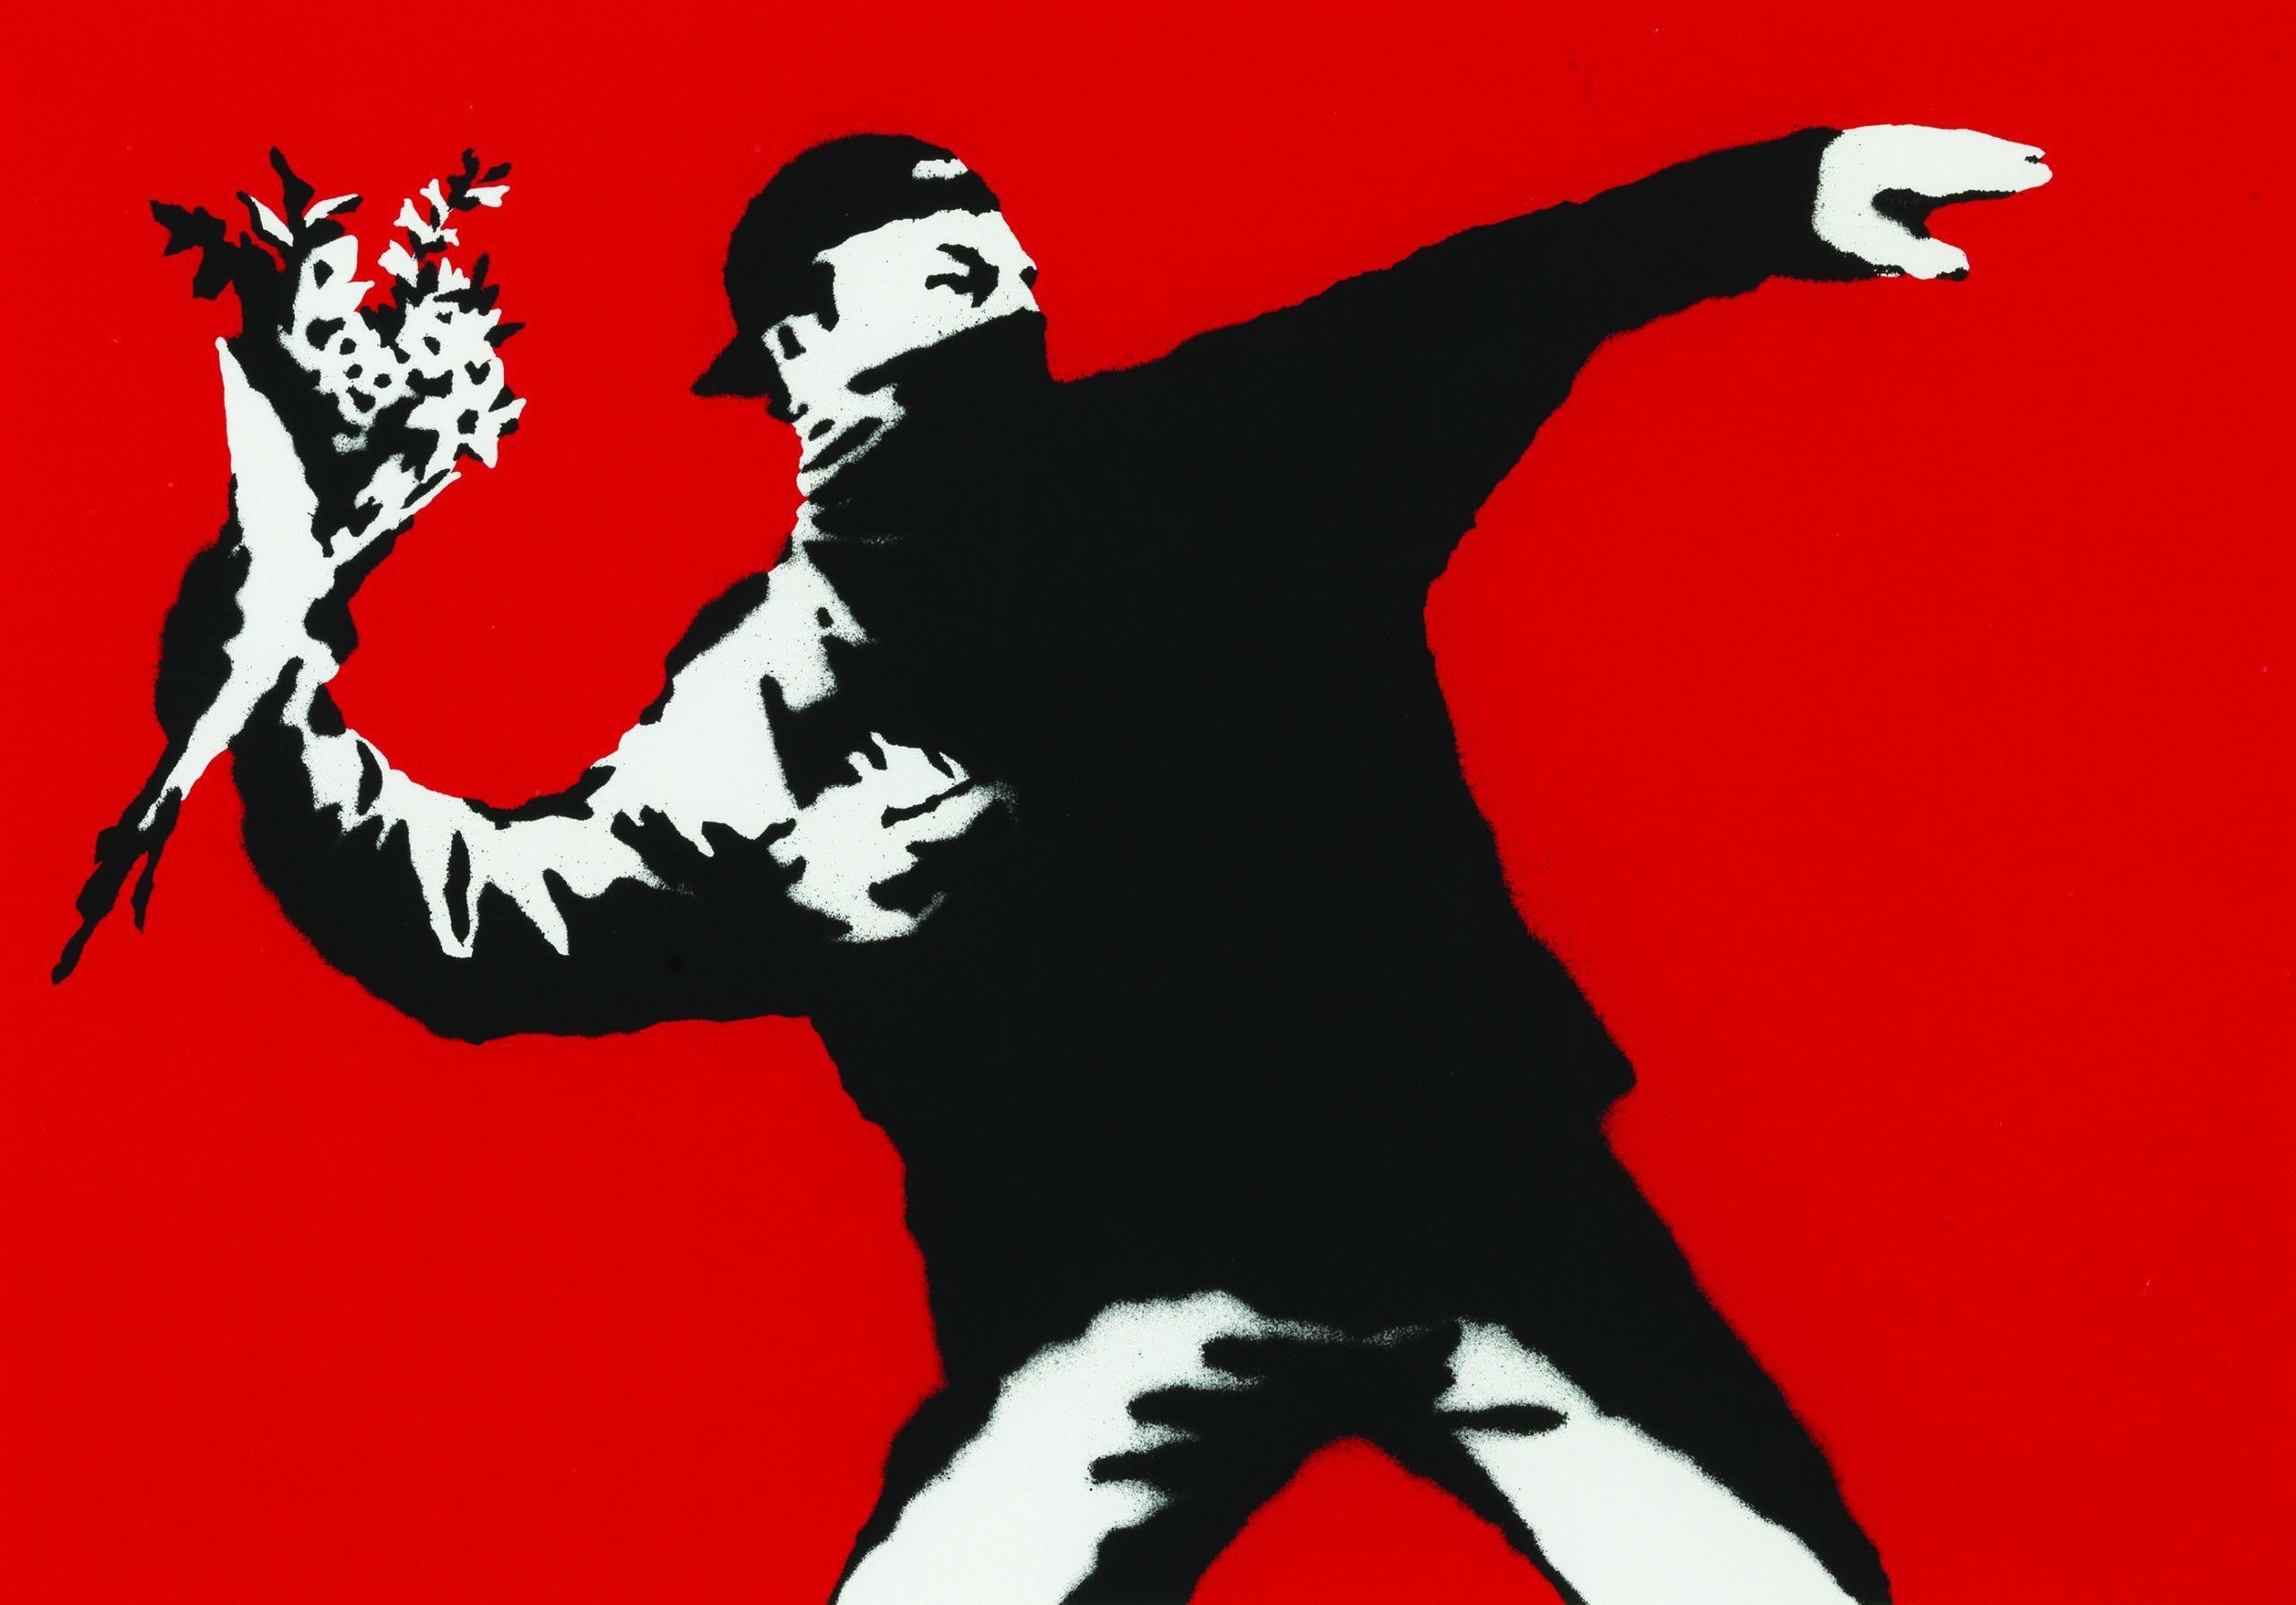 Un artista chiamato Banksy. A Ferrara inaugura oggi la mostra con oltre 100 opere originali